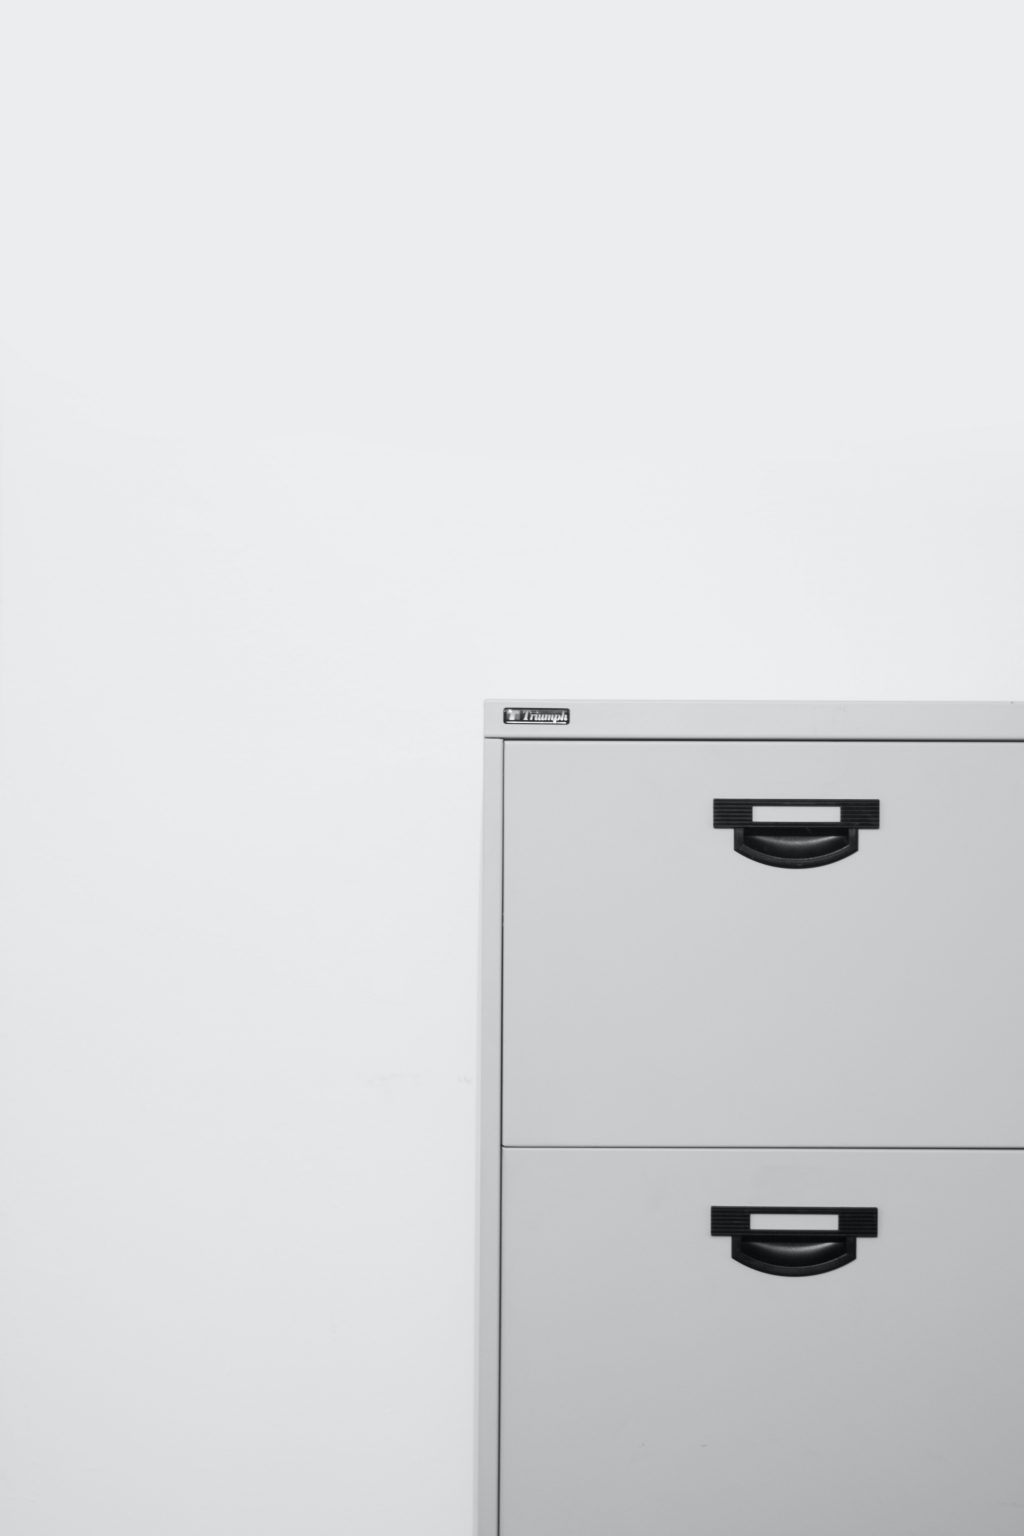 comment-faire-un-bilan-comptable